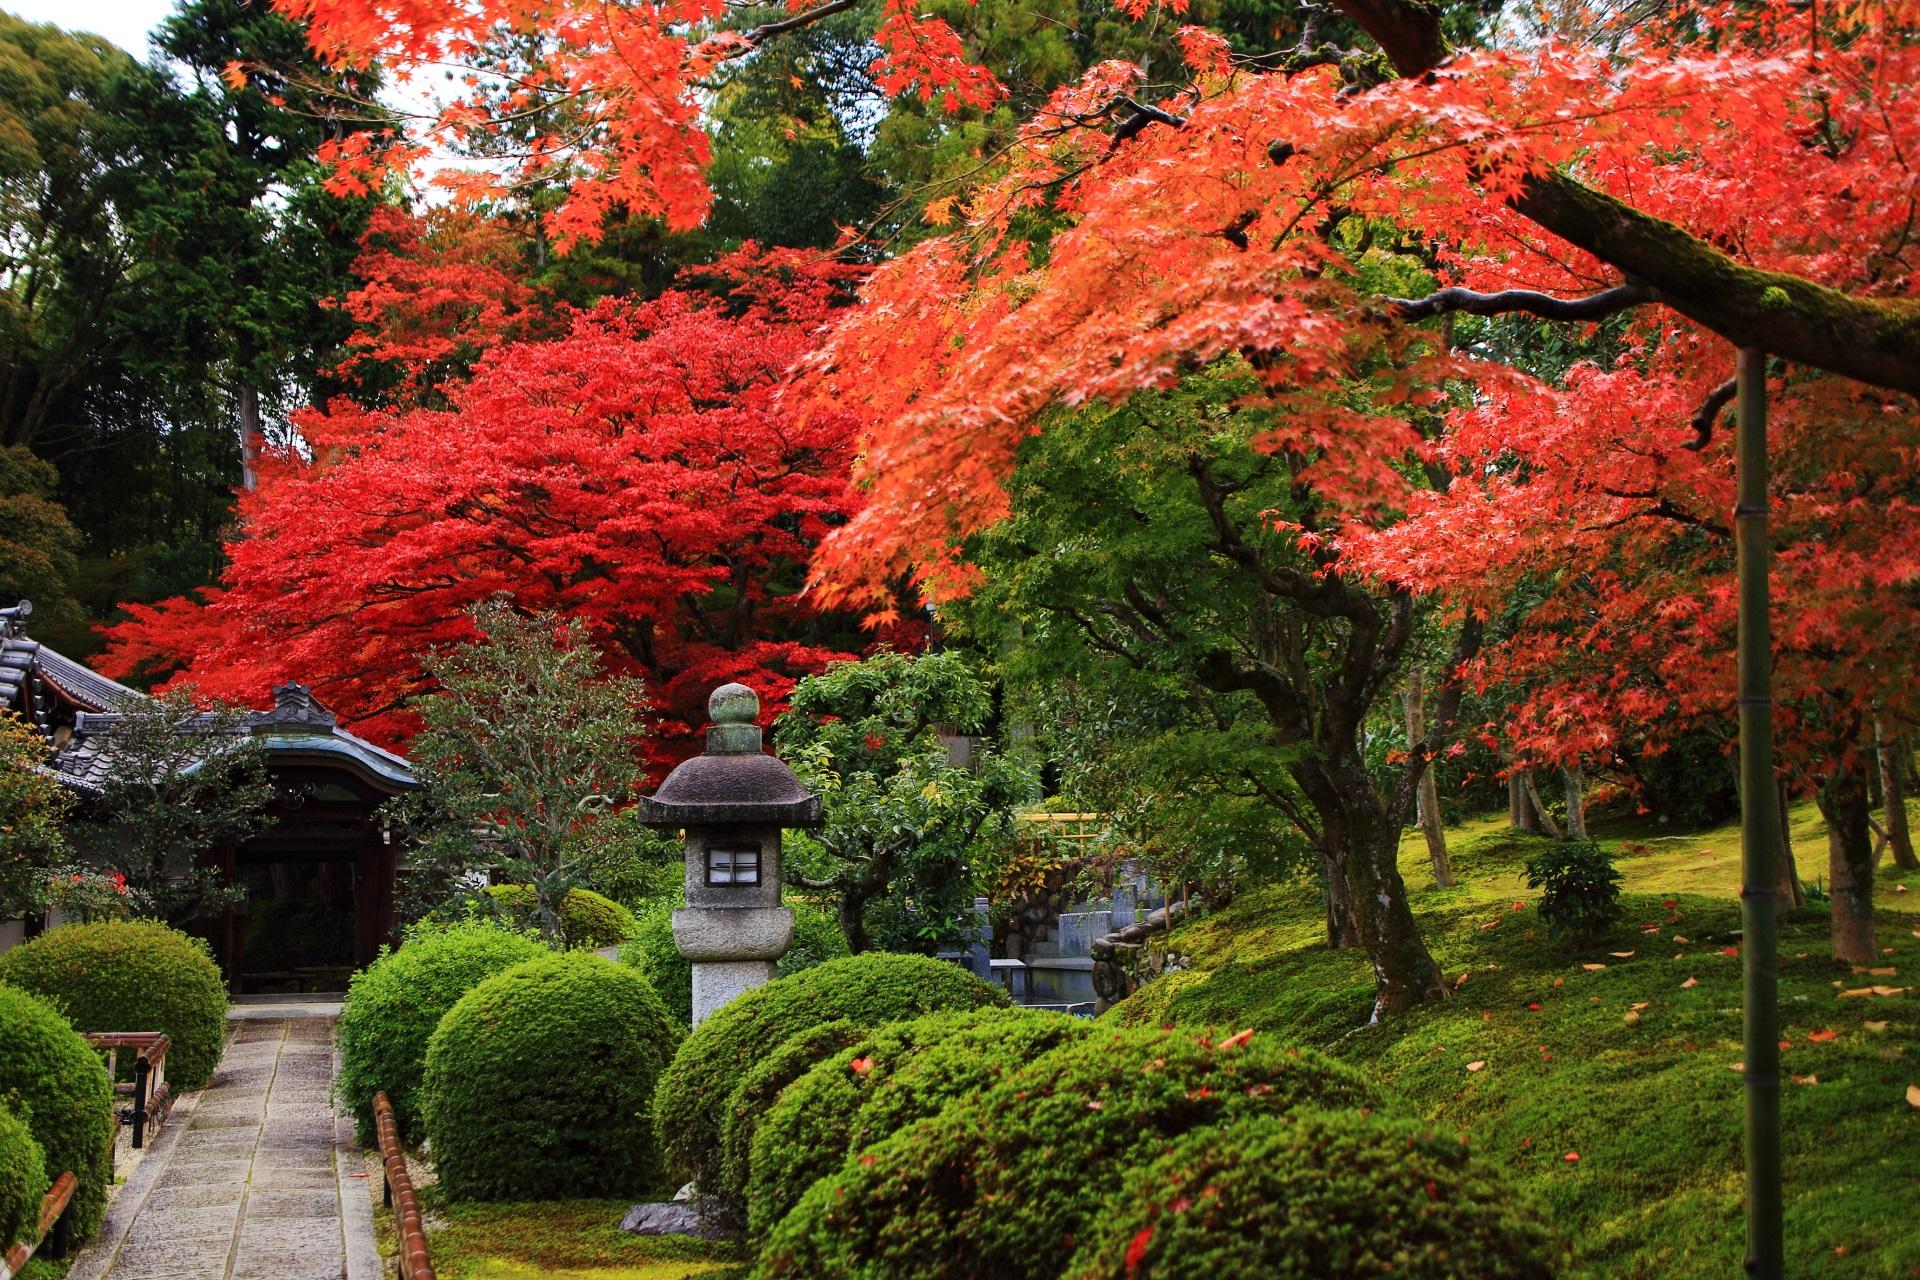 参道の美しすぎる秋の彩りと見事な色のコントラスト